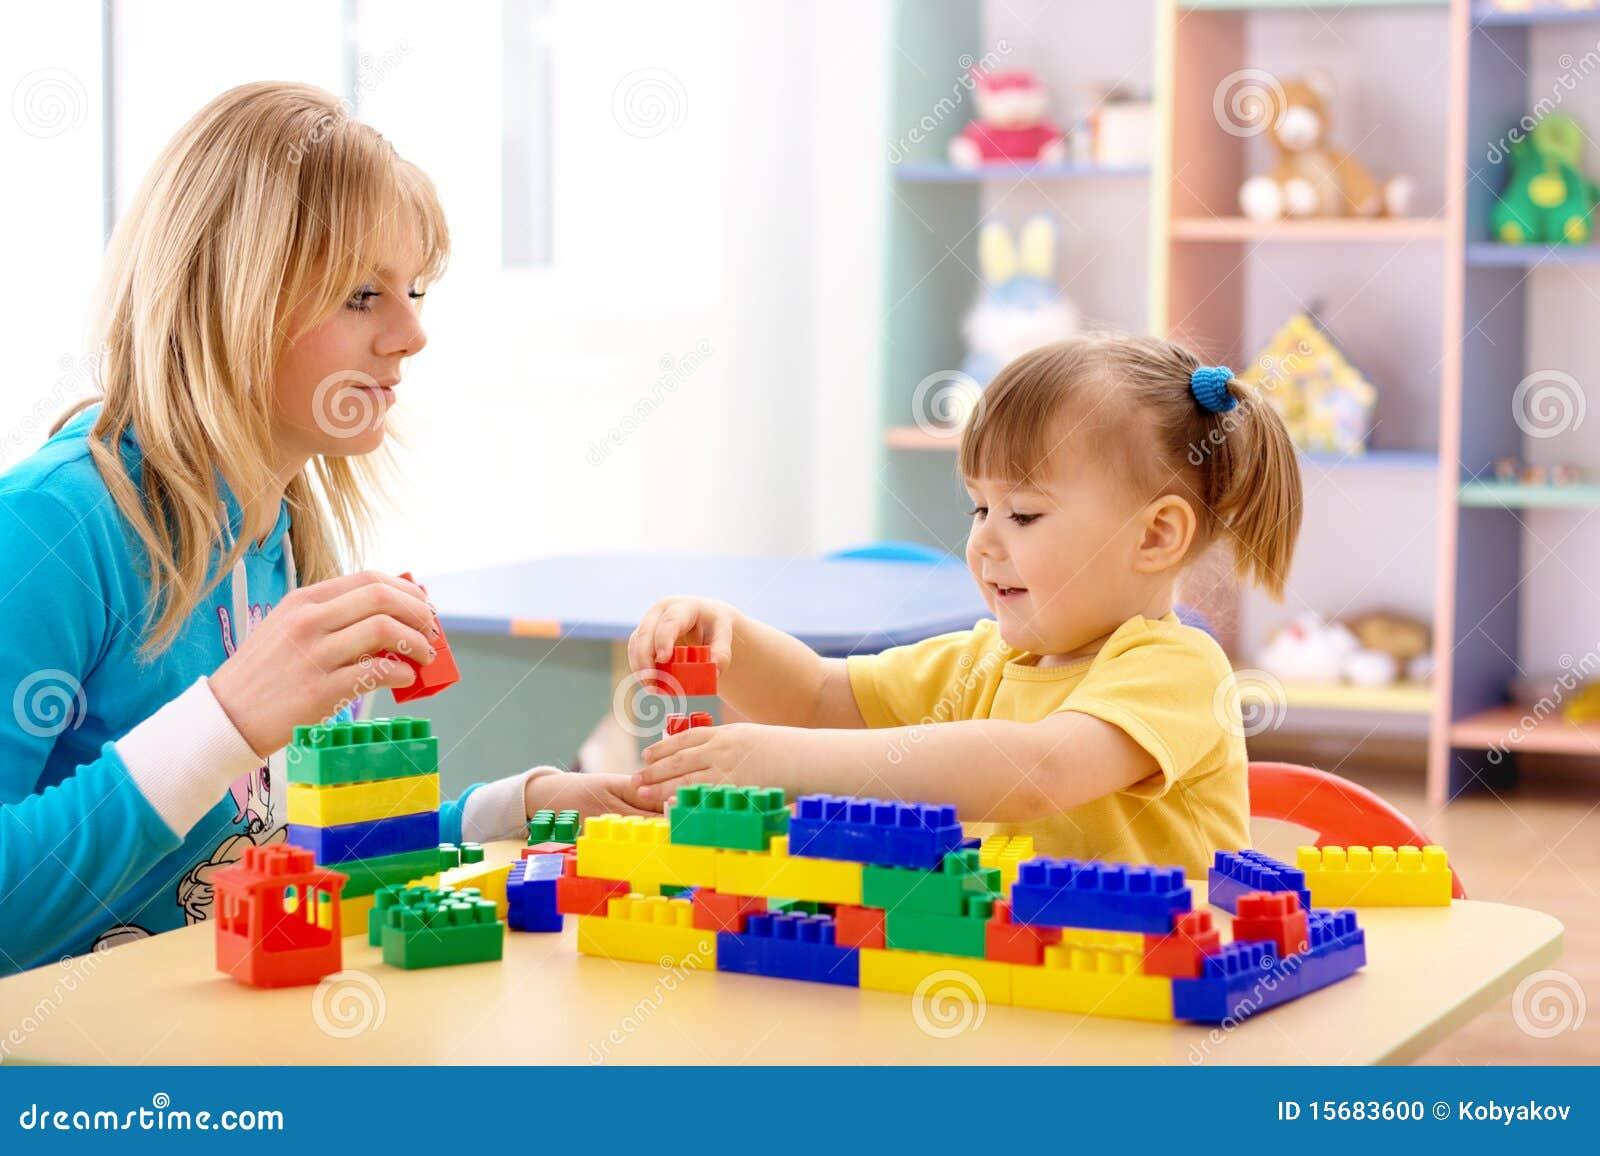 Lehrer- und Vorschülerspiel mit Gebäudeziegelsteinen